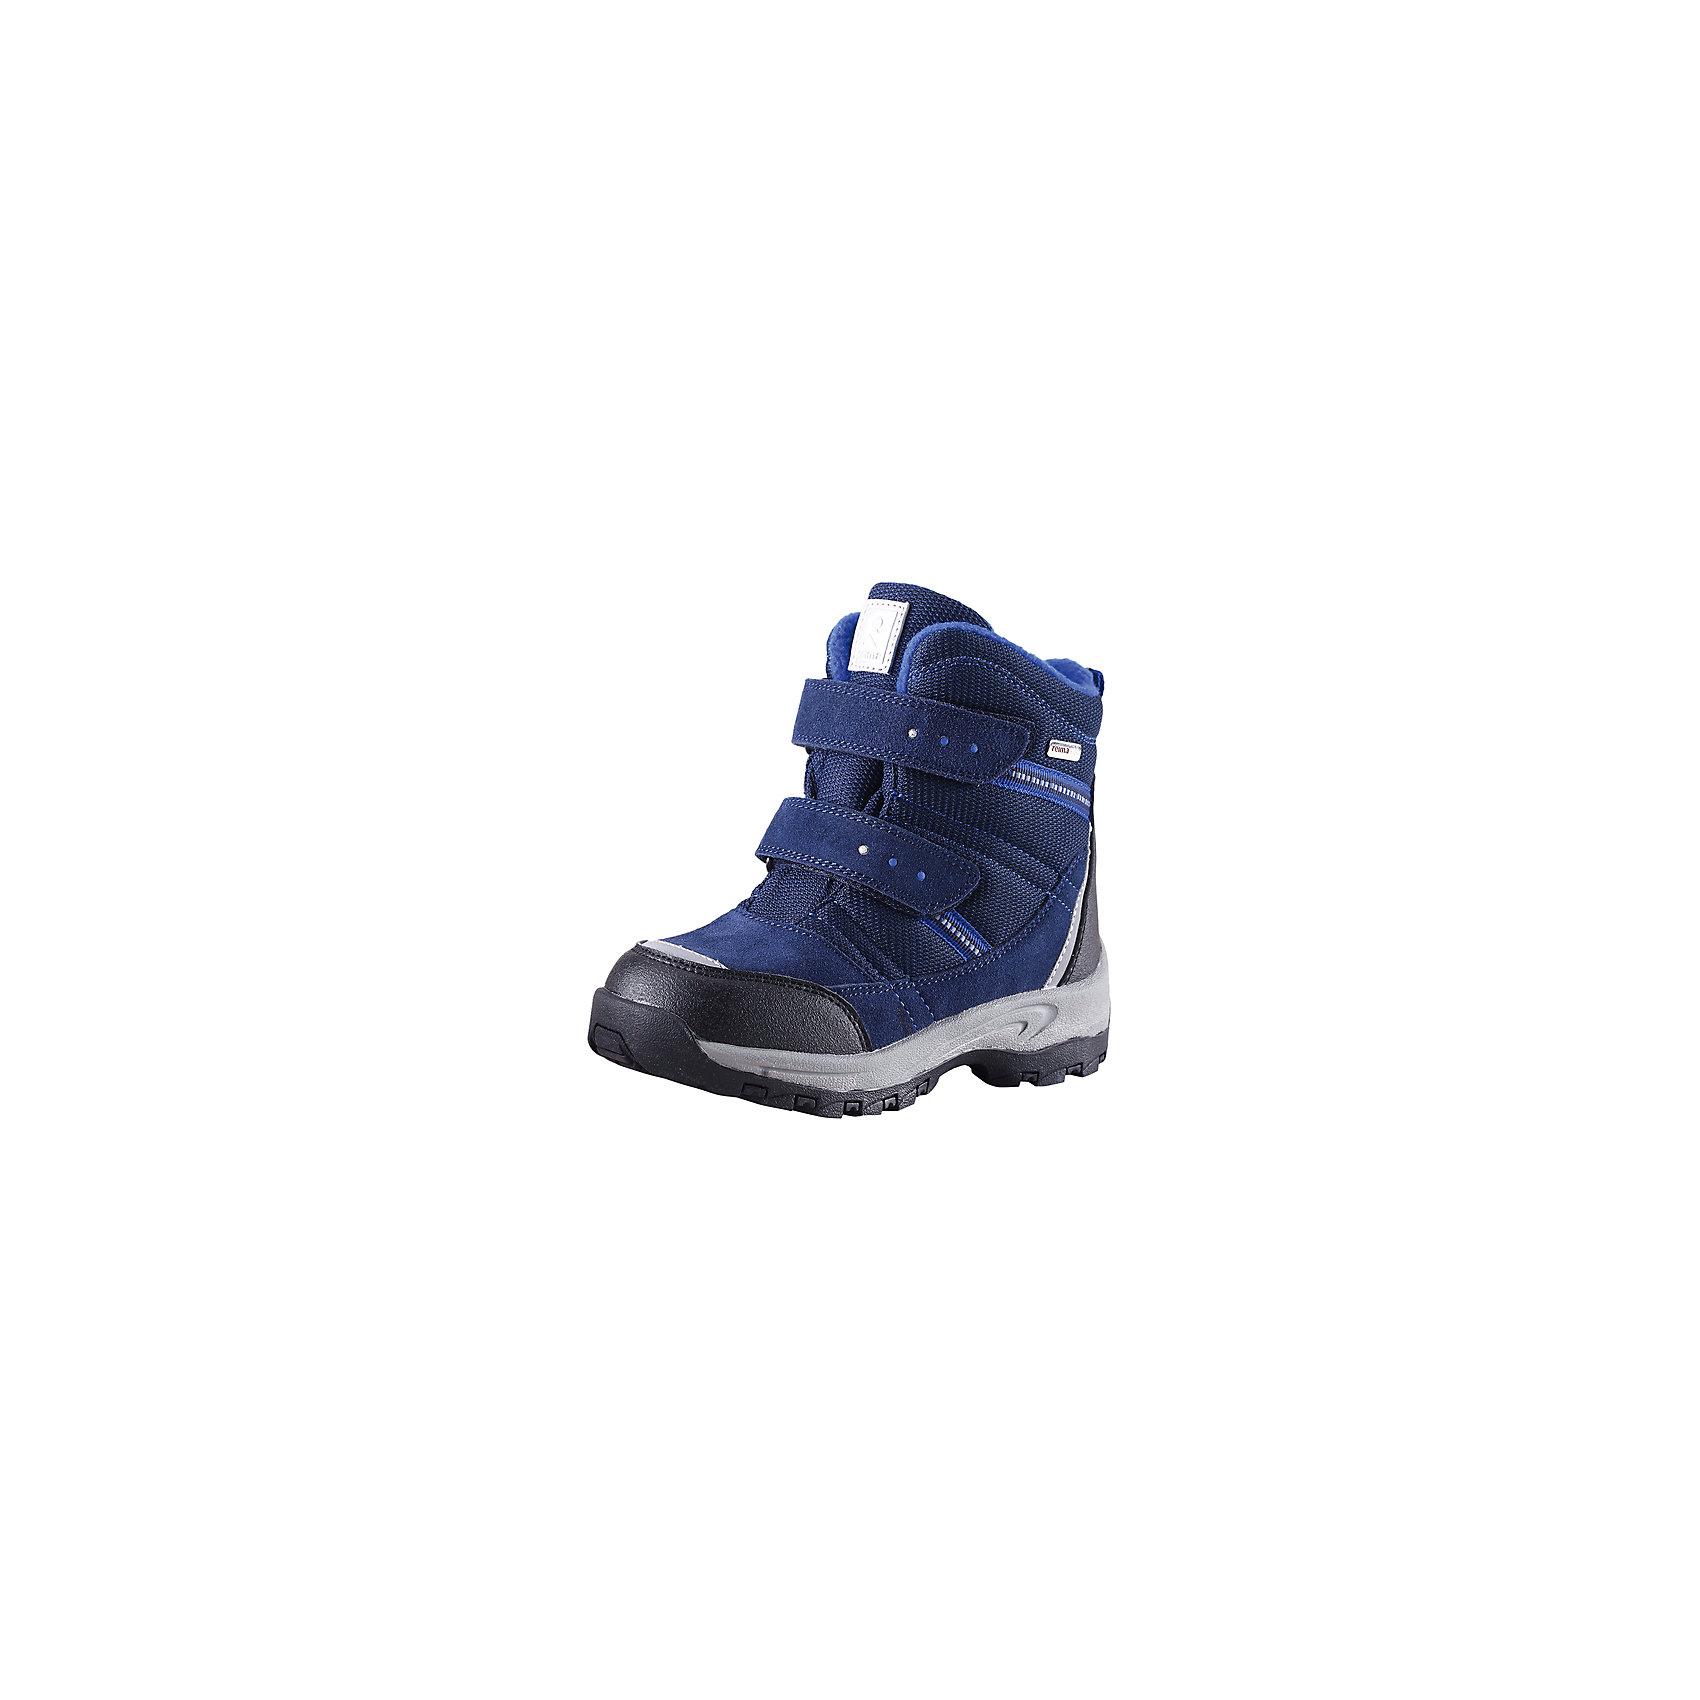 Ботинки Visby для мальчика Reimatec® ReimaОбувь<br>Ботинки  Reimatec® Reima<br>Зимние сапоги для детей. Водонепроницаемая зимняя обувь. Верх из натуральной замши (из телячьей кожи), синтетического материала и текстиля. Эластичная и прочная резиновая подошва Reima® для максимальной устойчивости. Водонепроницаемая конструкция с герметичными вставками и подкладкой из искусственного меха. Подкладка из искусственного меха. Съемные стельки из войлока с рисунком Happy Fit, который помогает определить размер. Простая застежка на липучке, имеющая две точки крепления. Светоотражающие детали.<br>Уход:<br>Храните обувь в вертикальном положении при комнатной температуре. Сушить обувь всегда следует при комнатной температуре: вынув съемные стельки. Стельки следует время от времени заменять на новые. Налипшую грязь можно счищать щеткой или влажной тряпкой. Перед использованием обувь рекомендуется обрабатывать специальными защитными средствами.<br>Состав:<br>Подошва: 100% резина, Верх: 60% ПЭ, 20% ПУ, 20% Кожа<br><br>Ширина мм: 262<br>Глубина мм: 176<br>Высота мм: 97<br>Вес г: 427<br>Цвет: синий<br>Возраст от месяцев: 24<br>Возраст до месяцев: 24<br>Пол: Мужской<br>Возраст: Детский<br>Размер: 25,30,24,35,34,31,33,26,27,29,32,28<br>SKU: 4776892